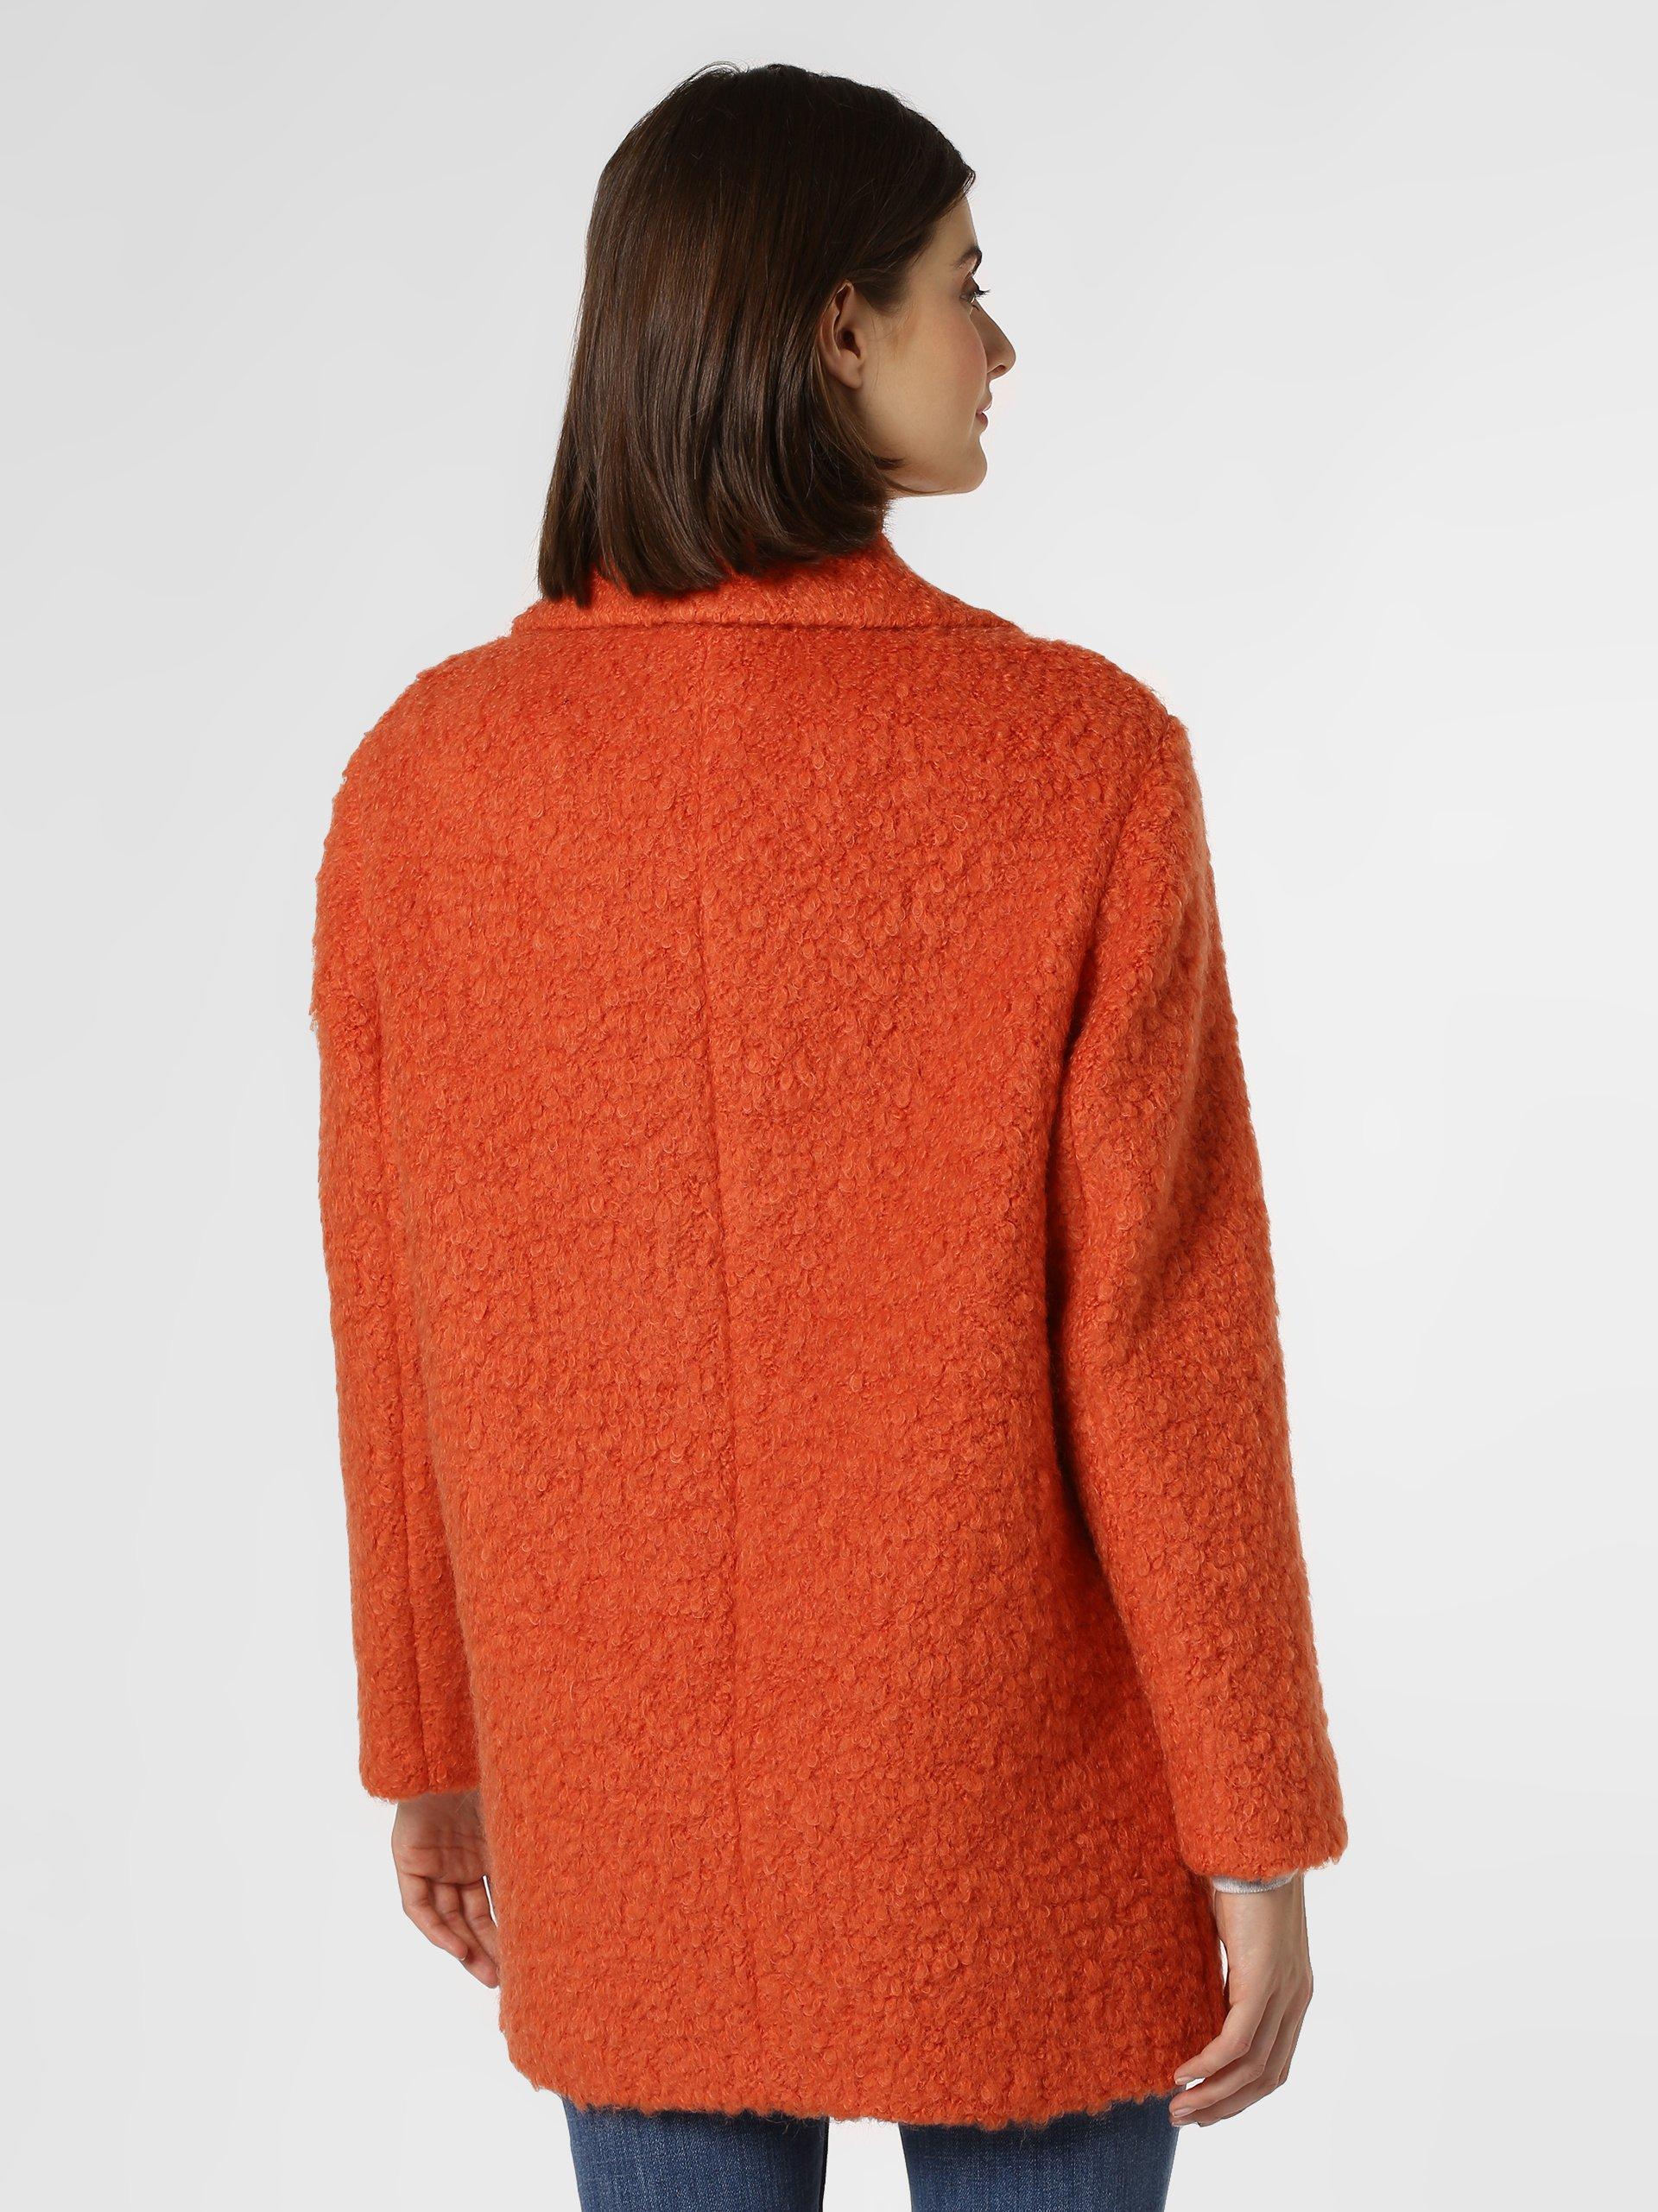 tommy hilfiger damen mantel phoebe online kaufen. Black Bedroom Furniture Sets. Home Design Ideas